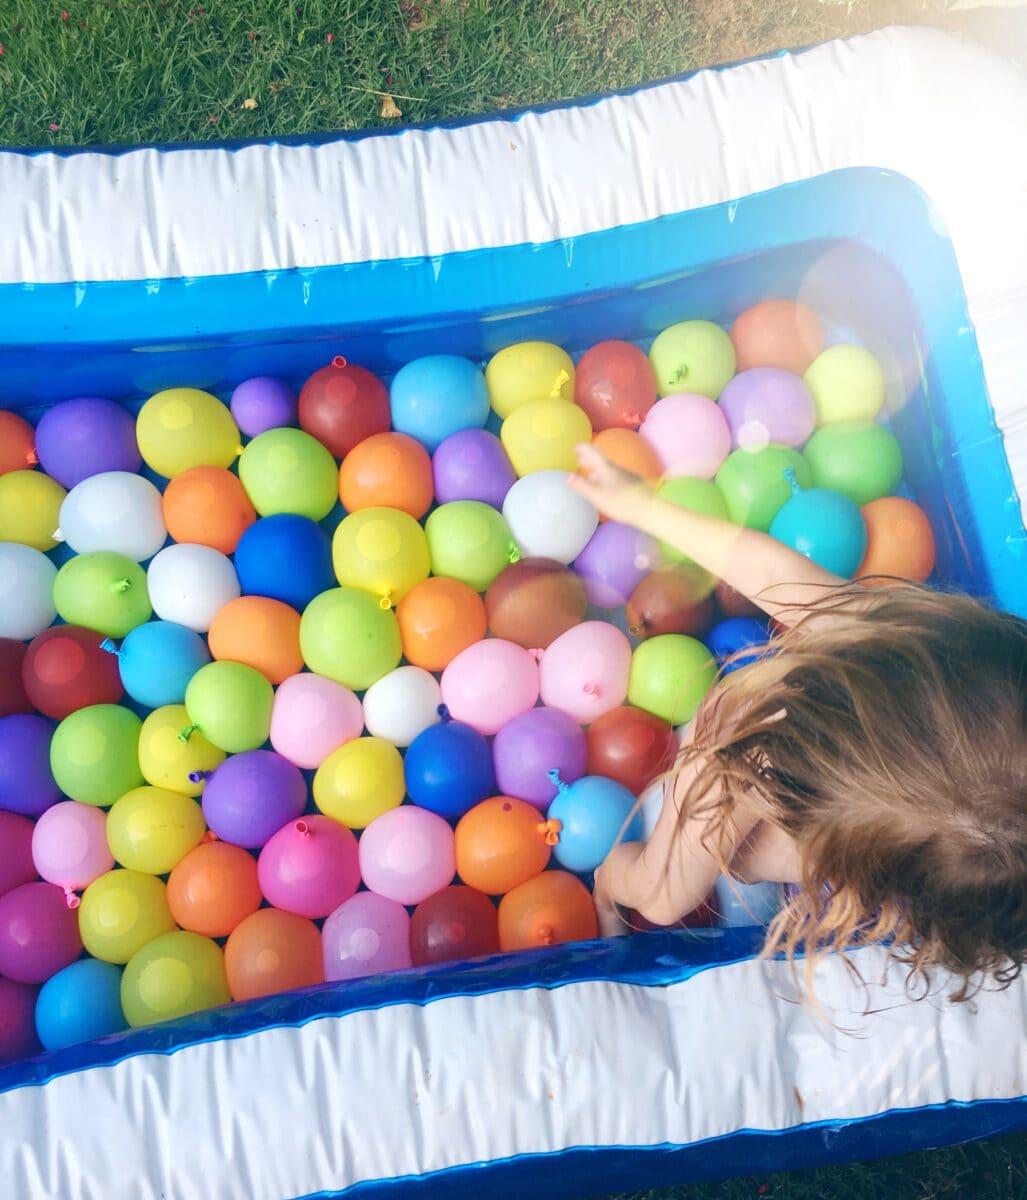 בריכת בלוני מים- פעילות עם הילדים